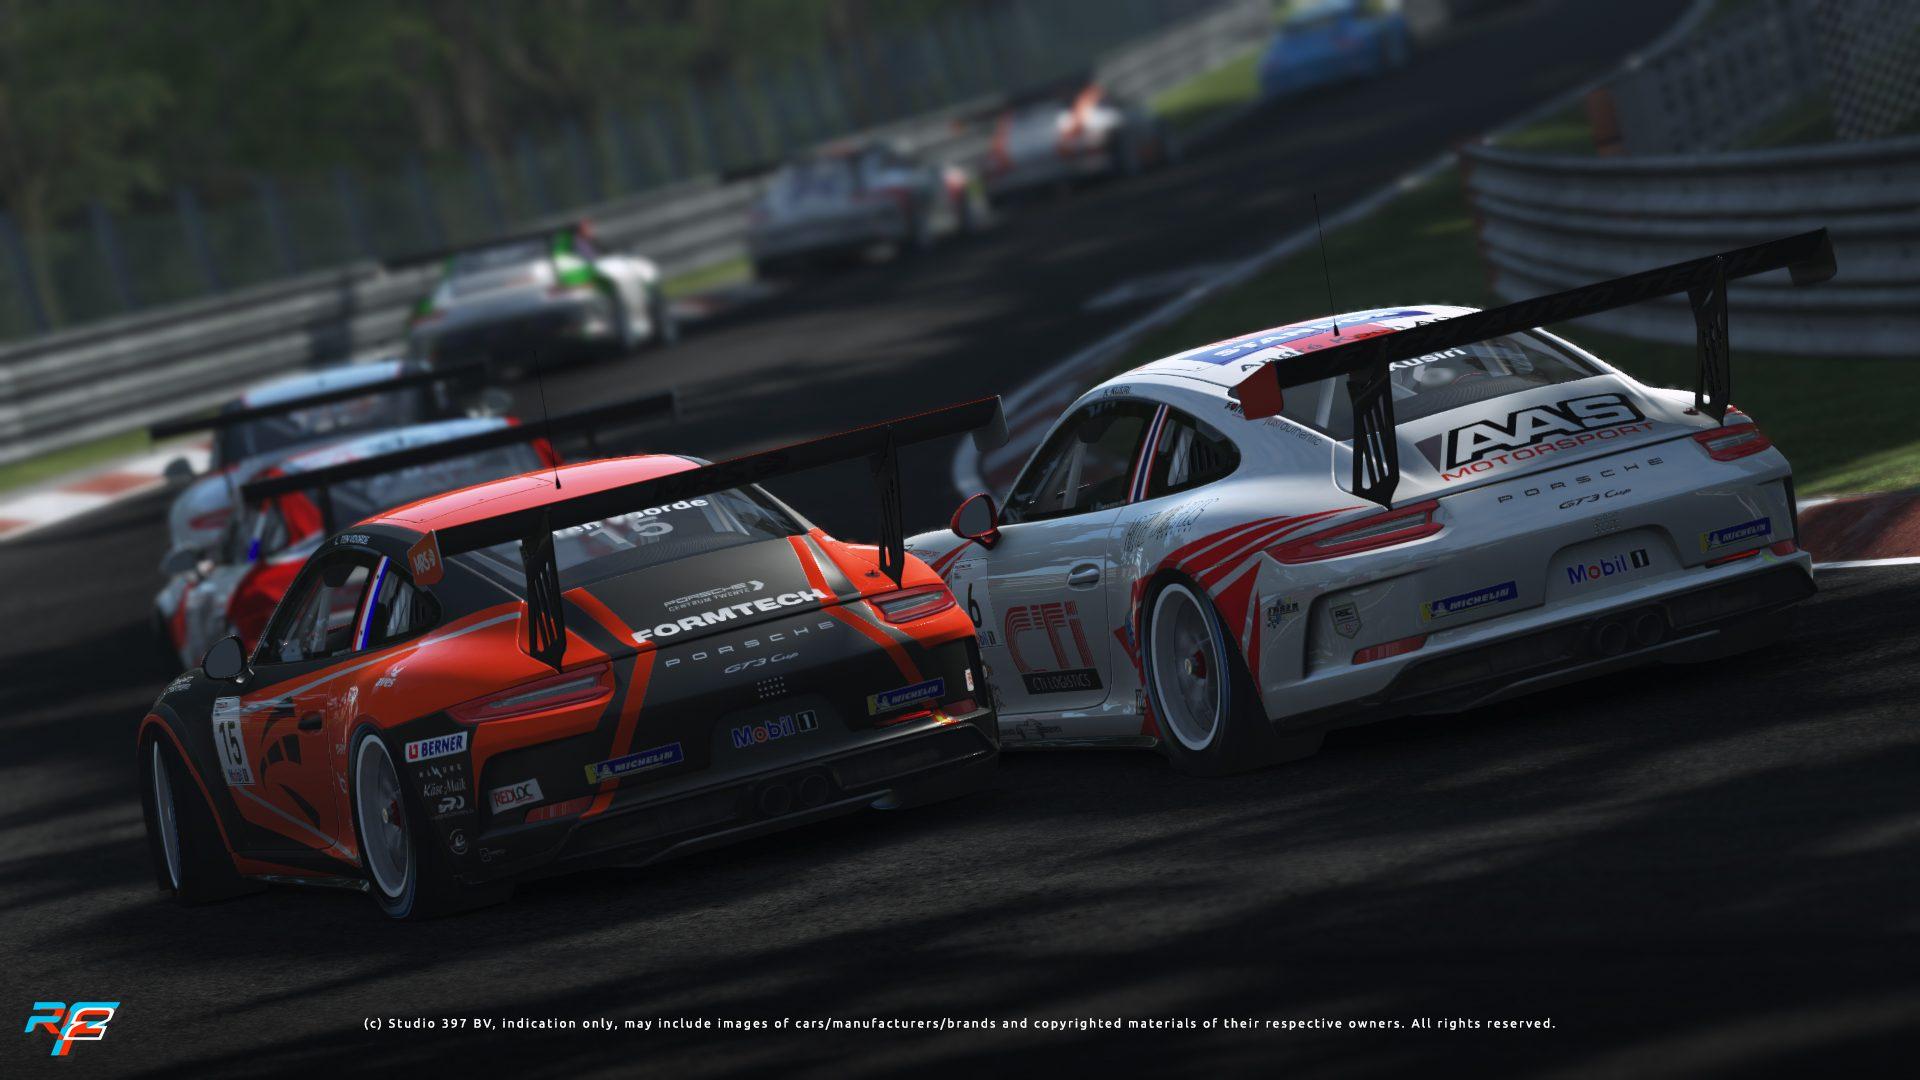 Porsche_911_GT3_Cup_screenshot_05_brande